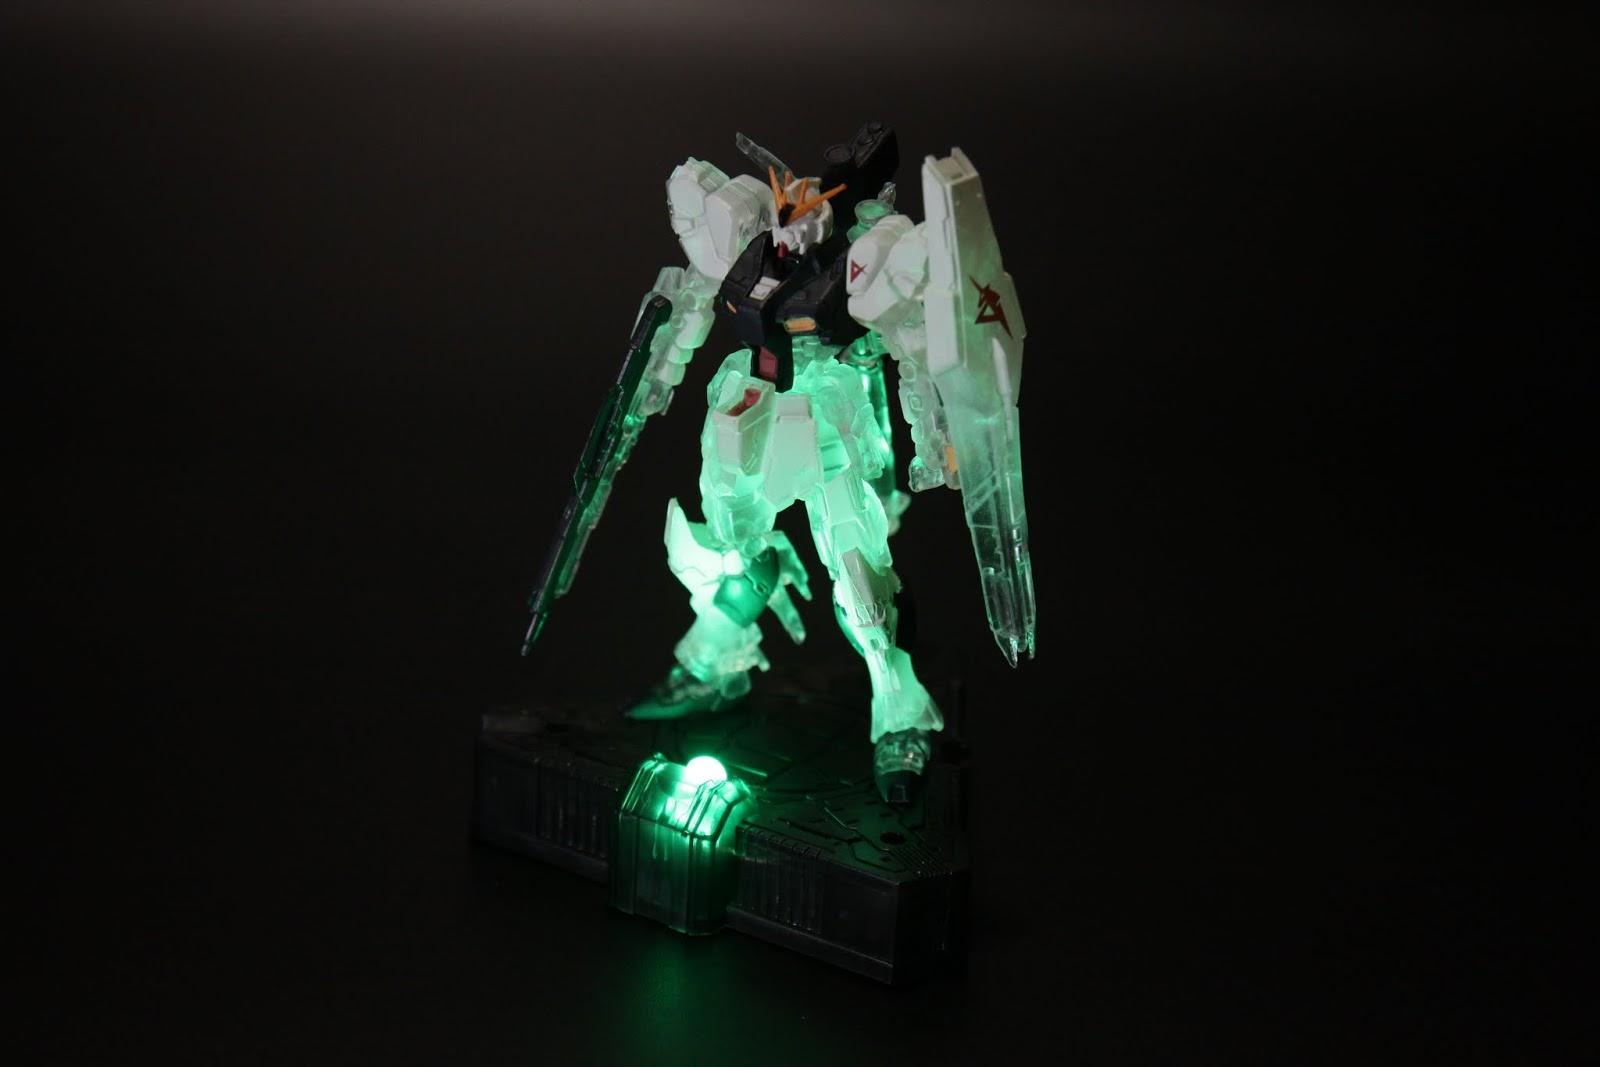 開了燈才是本款的重點,透過光線照到透明部分